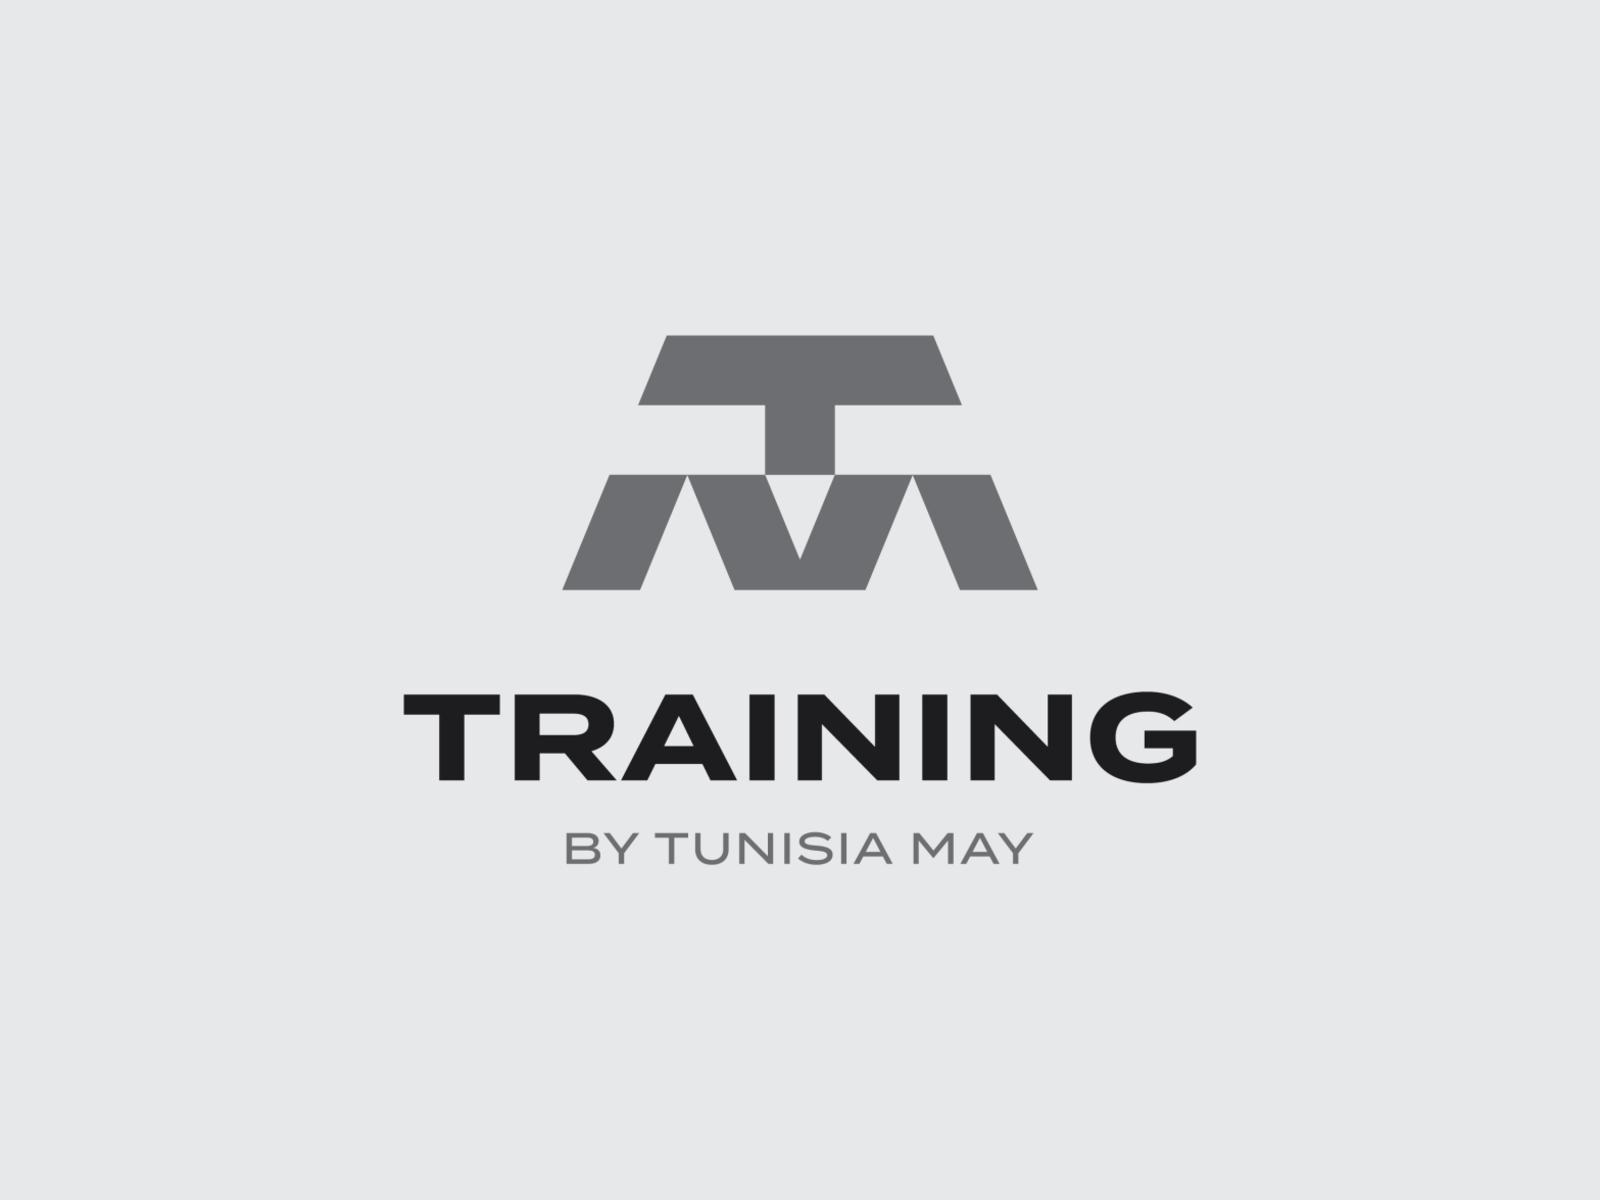 TM Logo by Dylan Menke on Dribbble